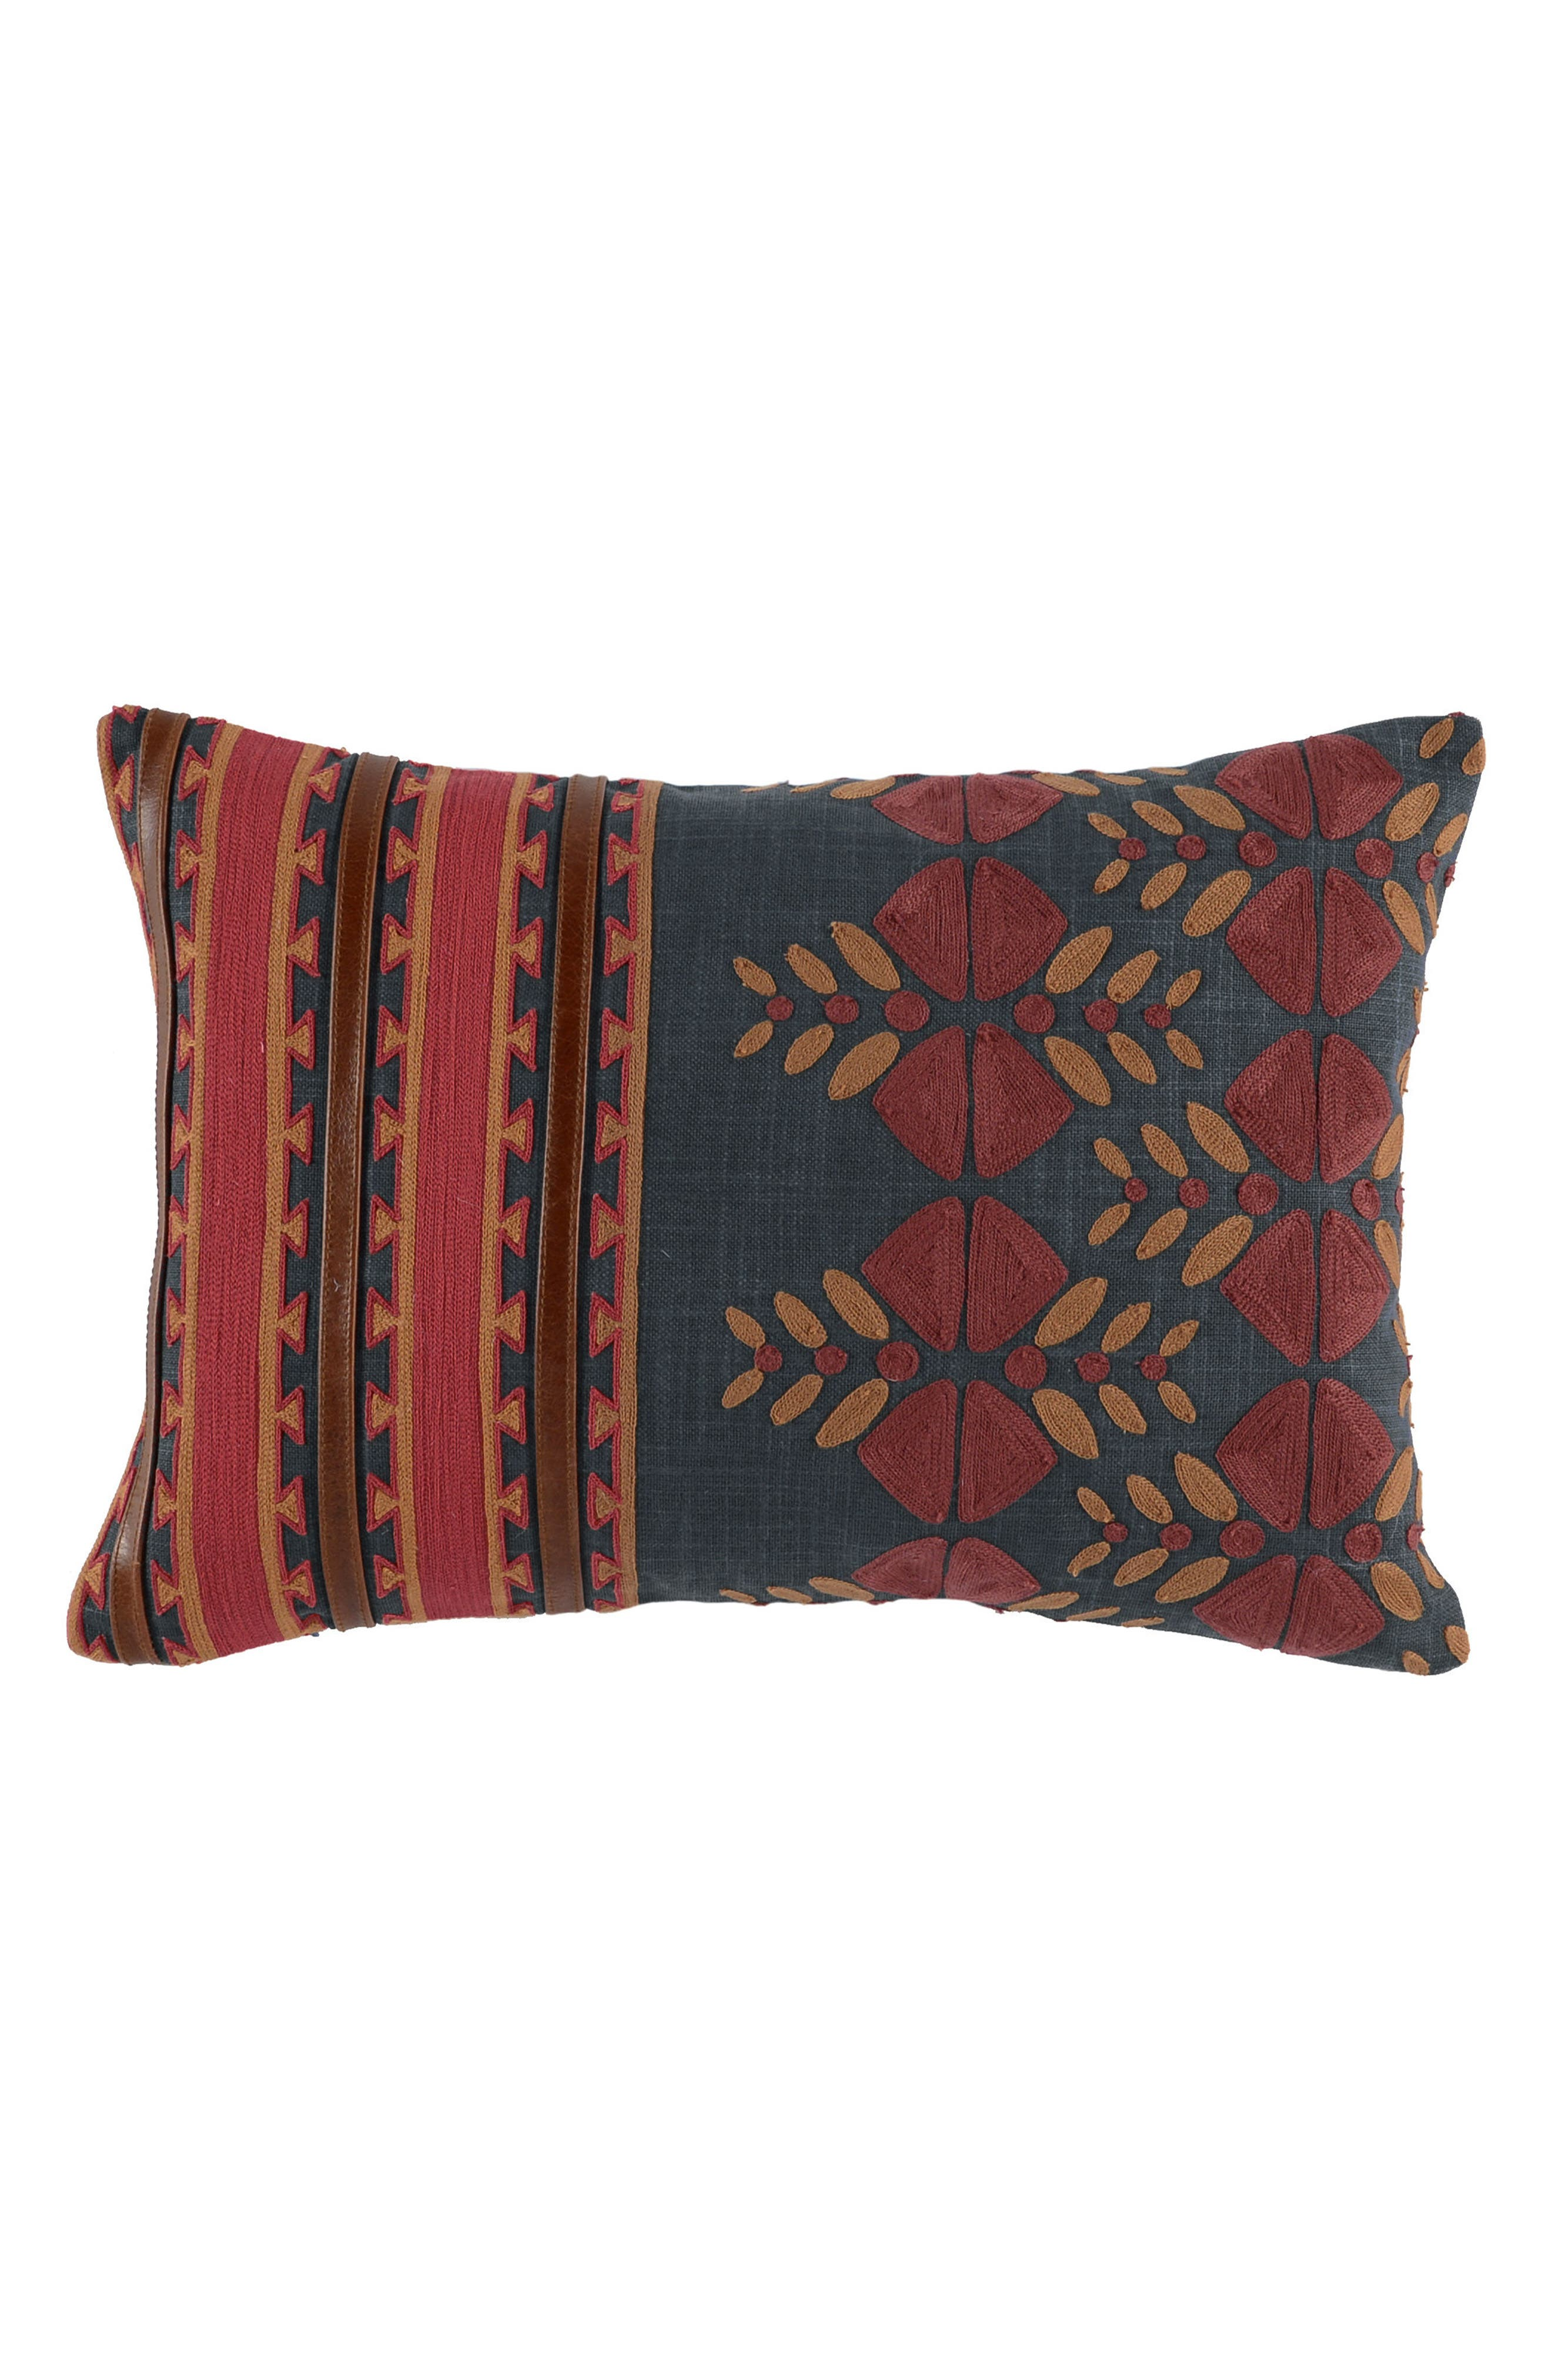 Kaleta Accent Pillow,                             Main thumbnail 1, color,                             Red/ Navy